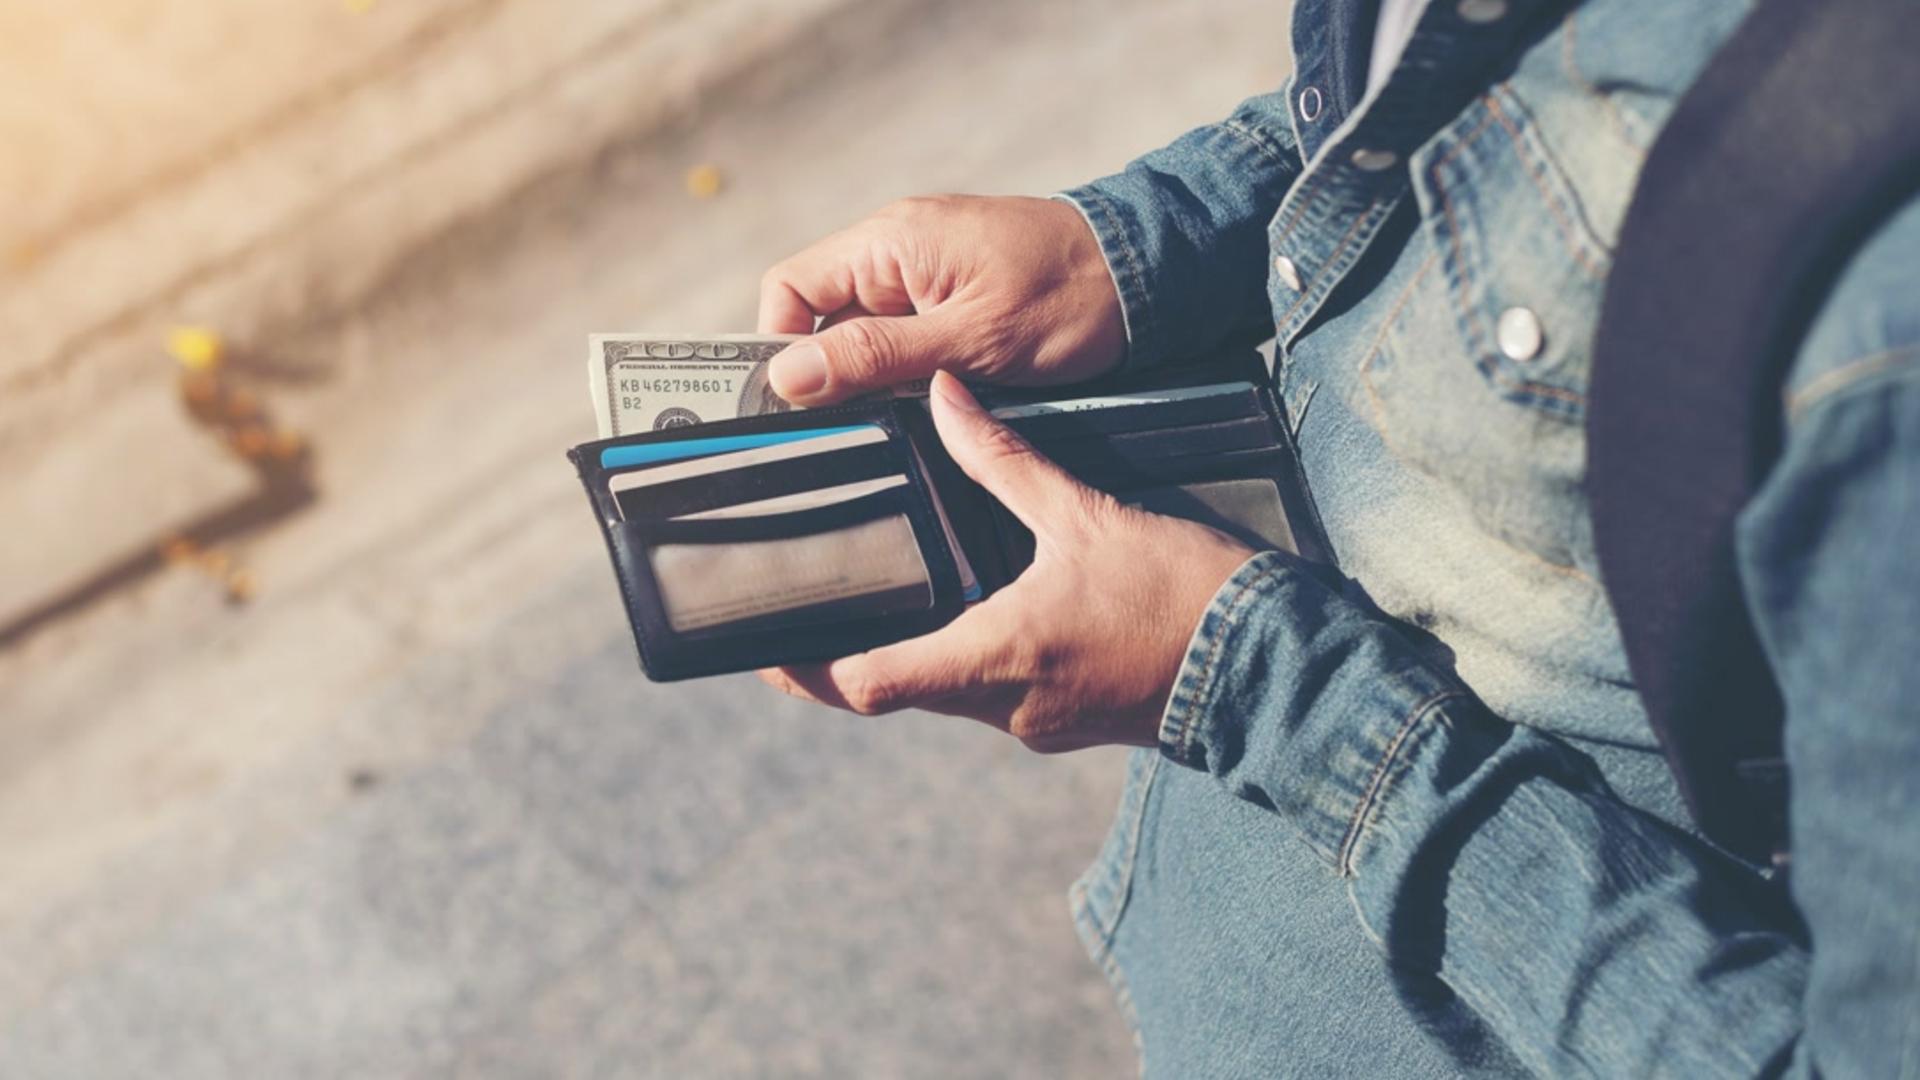 55-letni mężczyzna wyjął pieniądze z portfela i zostawił go na półce - Zdjęcie główne